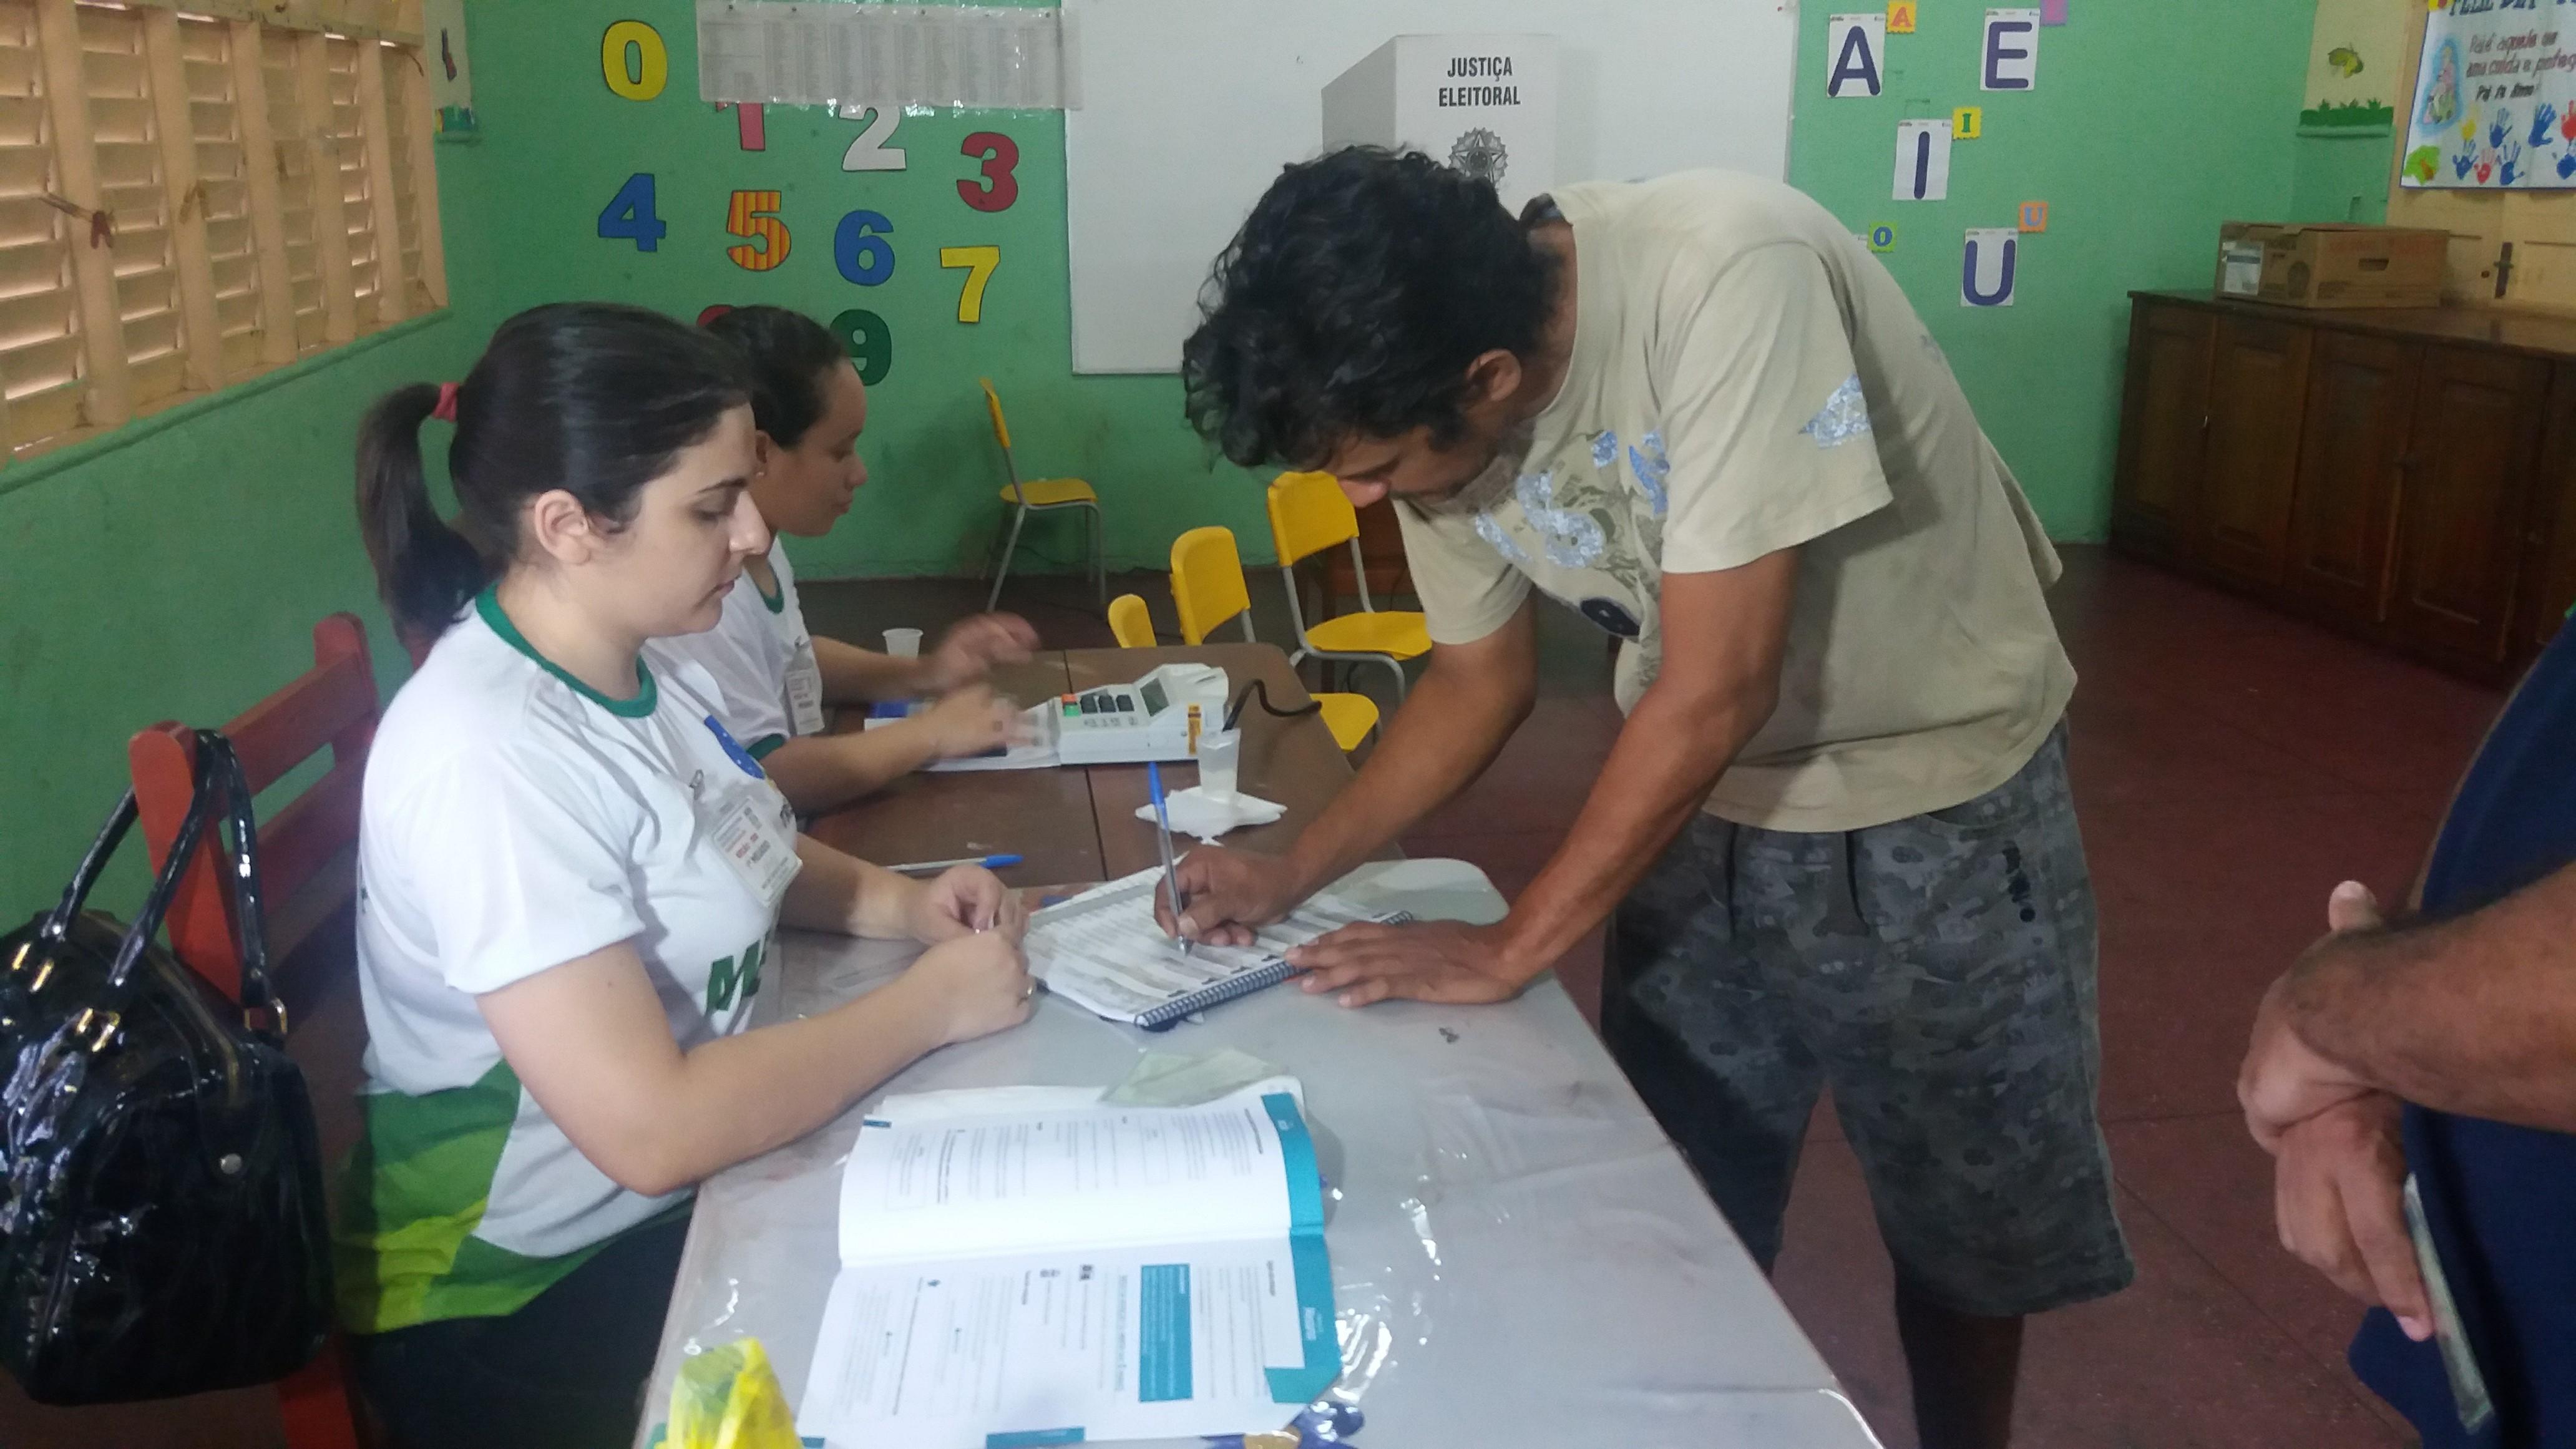 Justiça Eleitoral do AP abre 50 vagas para mesários voluntários no 2º turno das Eleições 2018